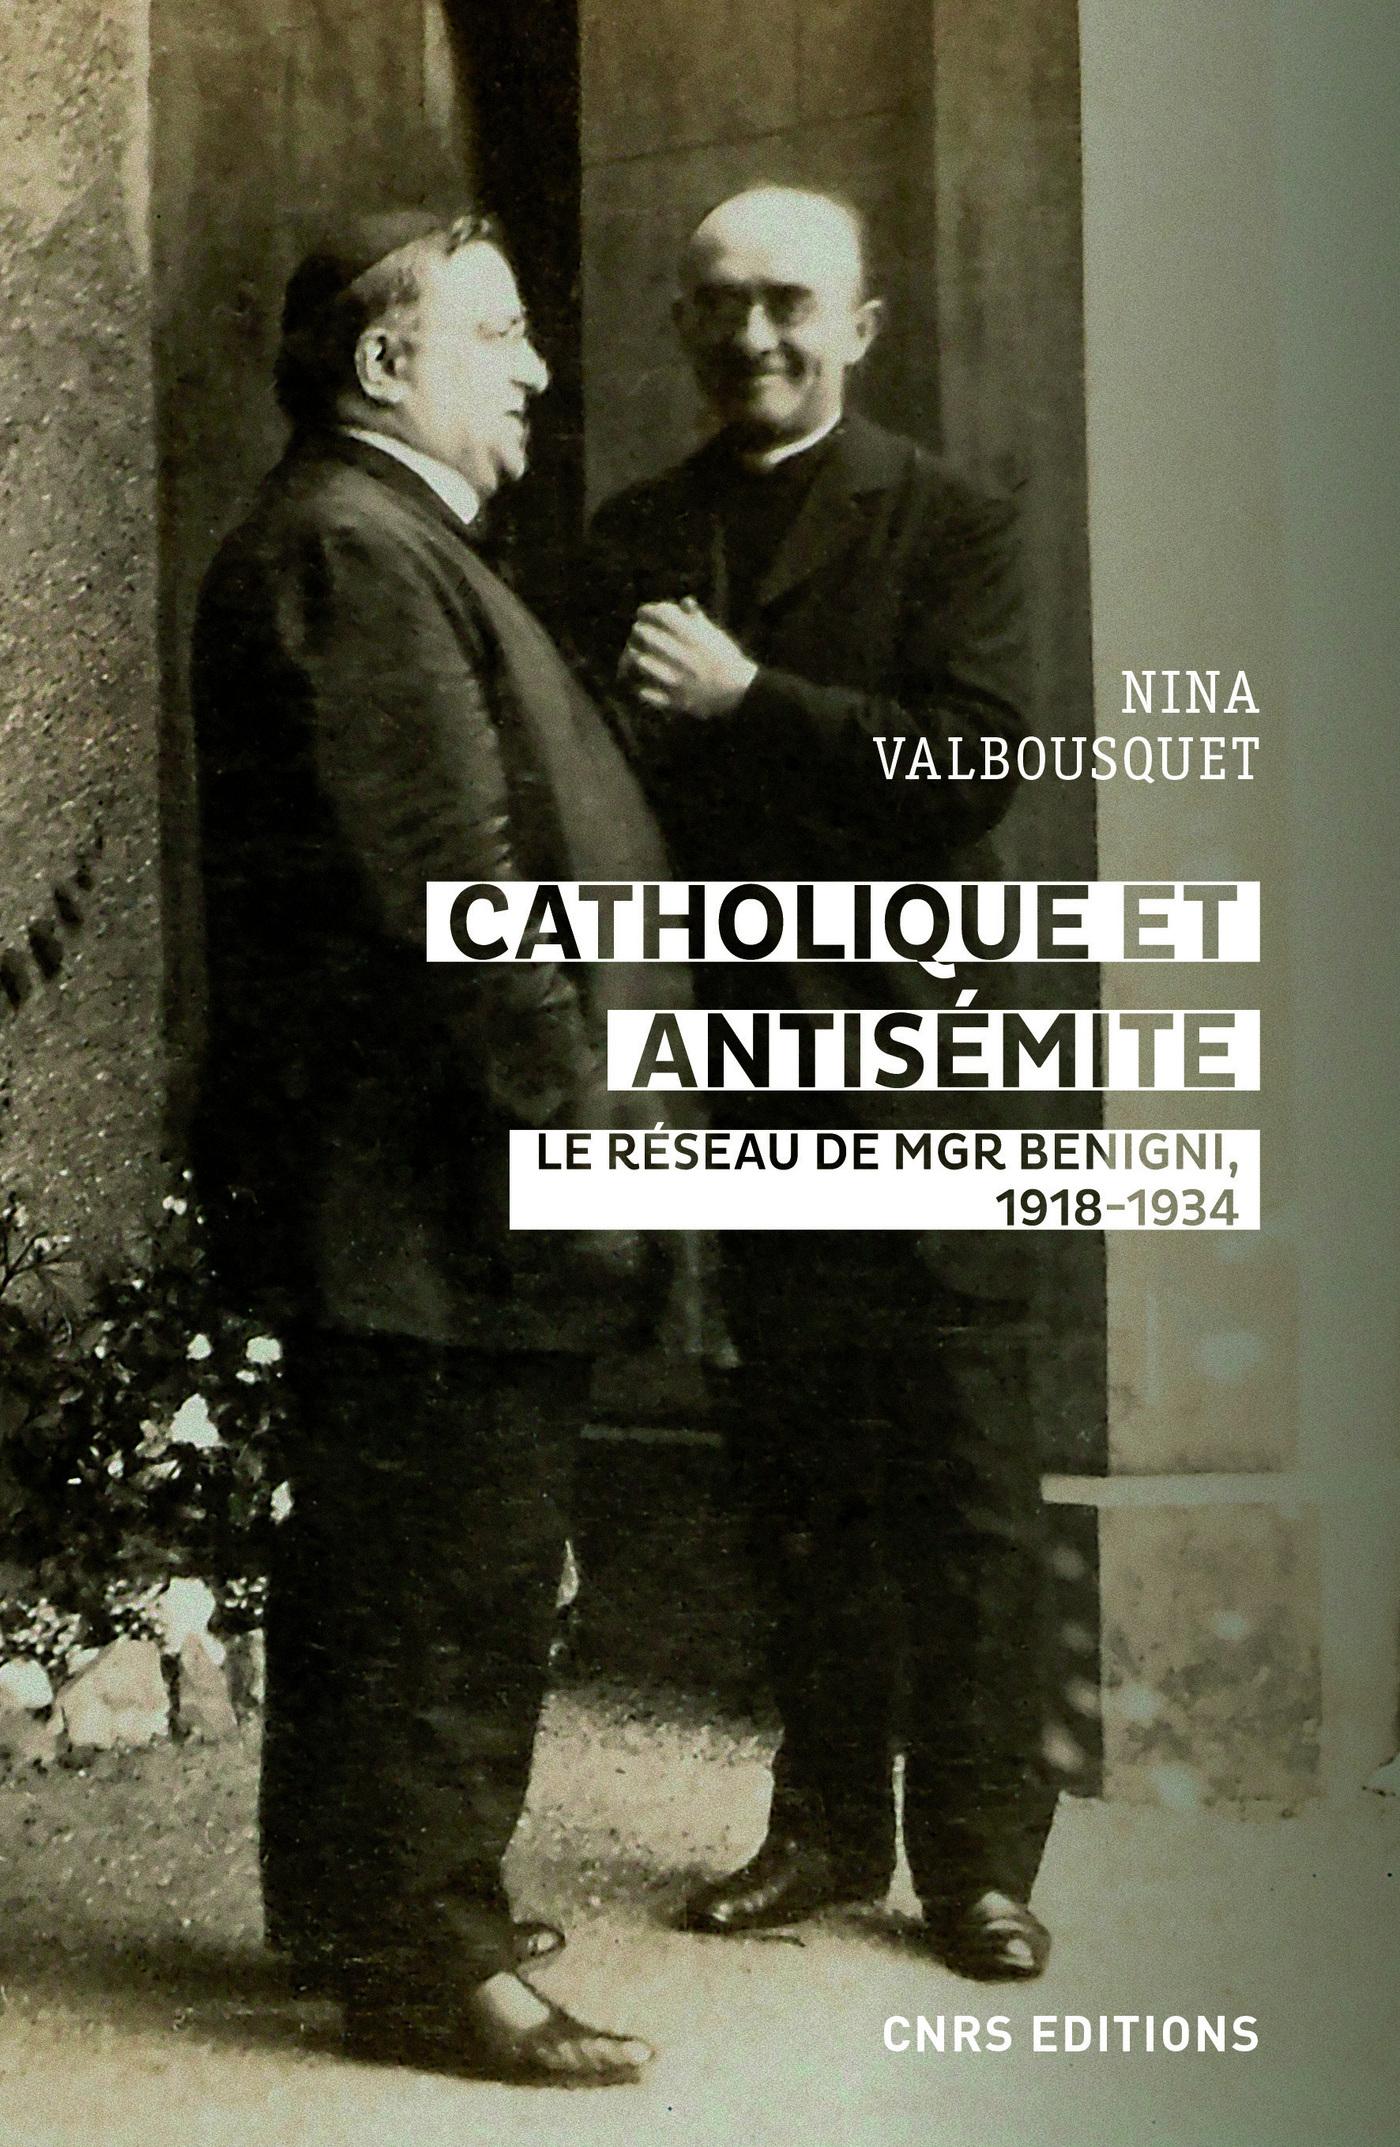 CATHOLIQUE ET ANTISEMITE - LE RESEAU DE MGR BENIGNI, 1918-1934